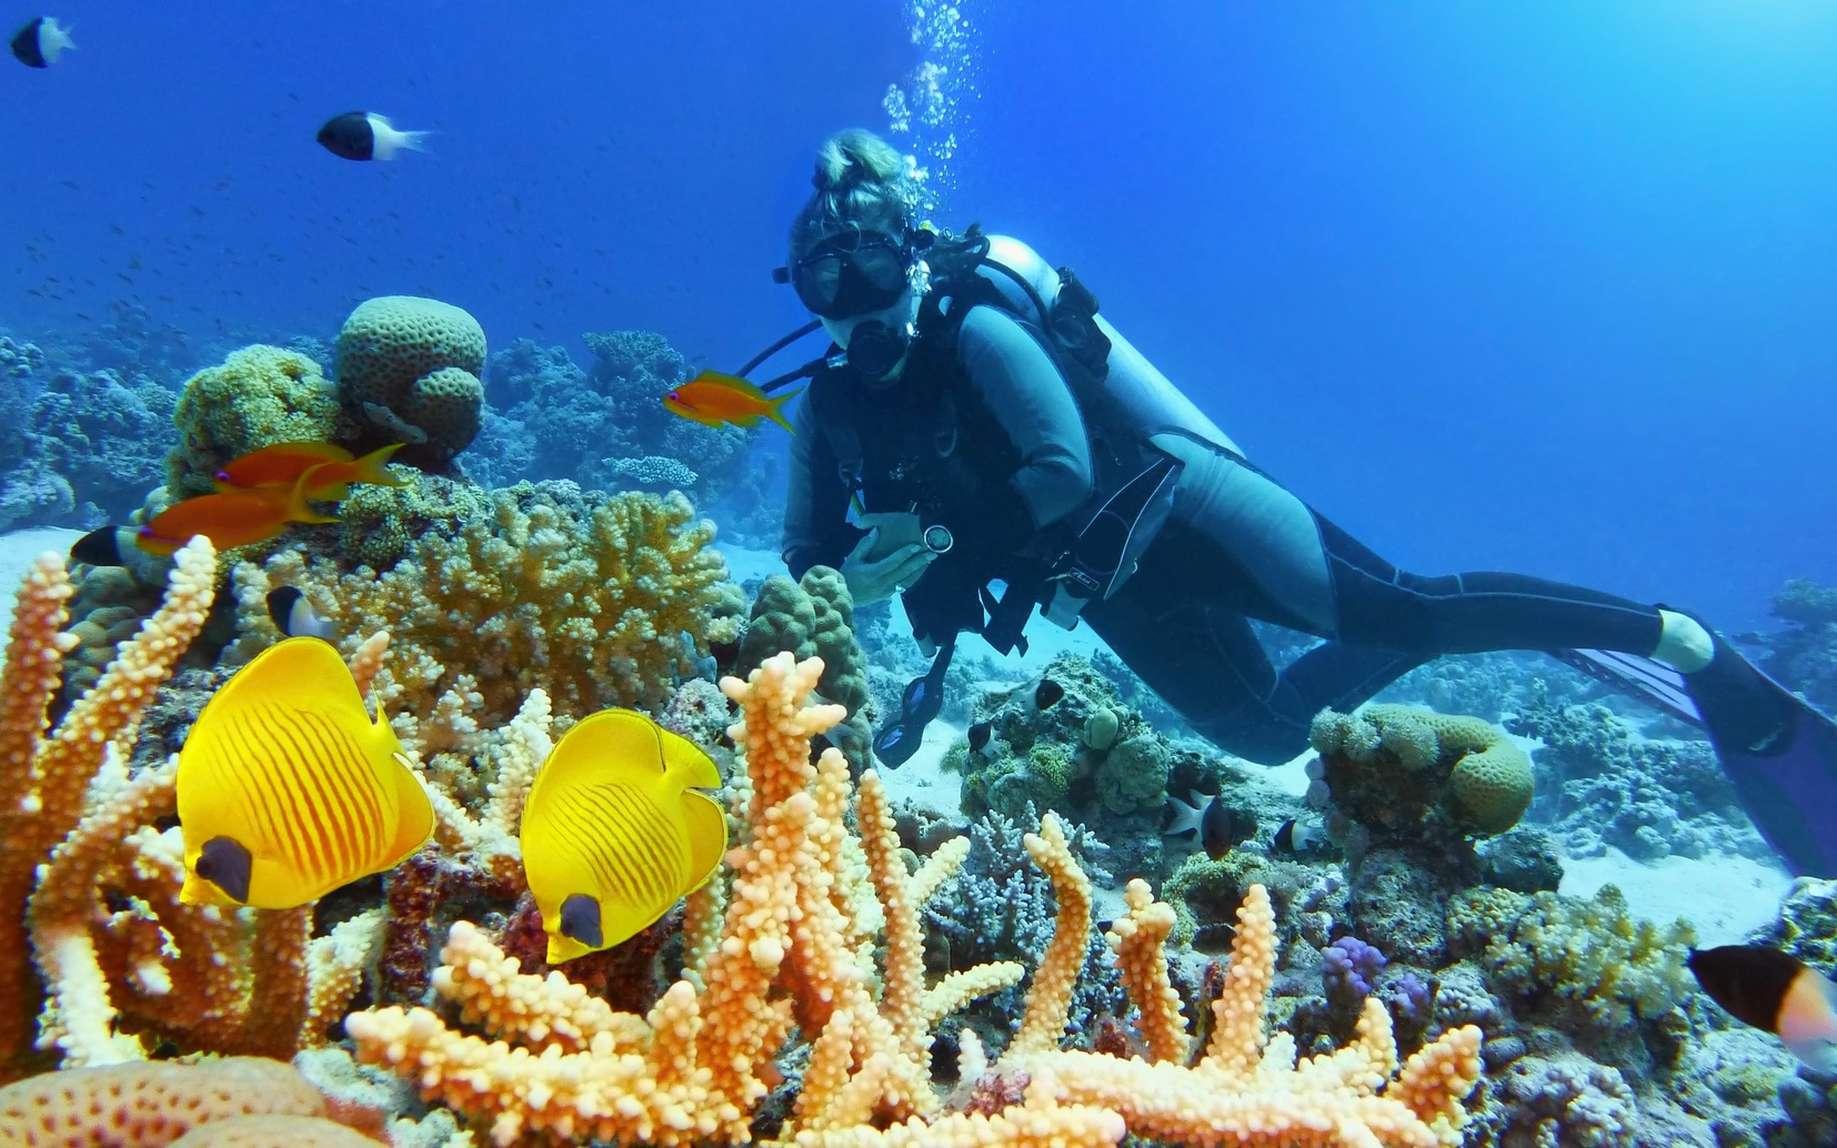 La mer Méditerranée offre de multiples possibilités de pratiquer la plongée et ce, quel que soit son niveau. © Tunatura, Fotolia